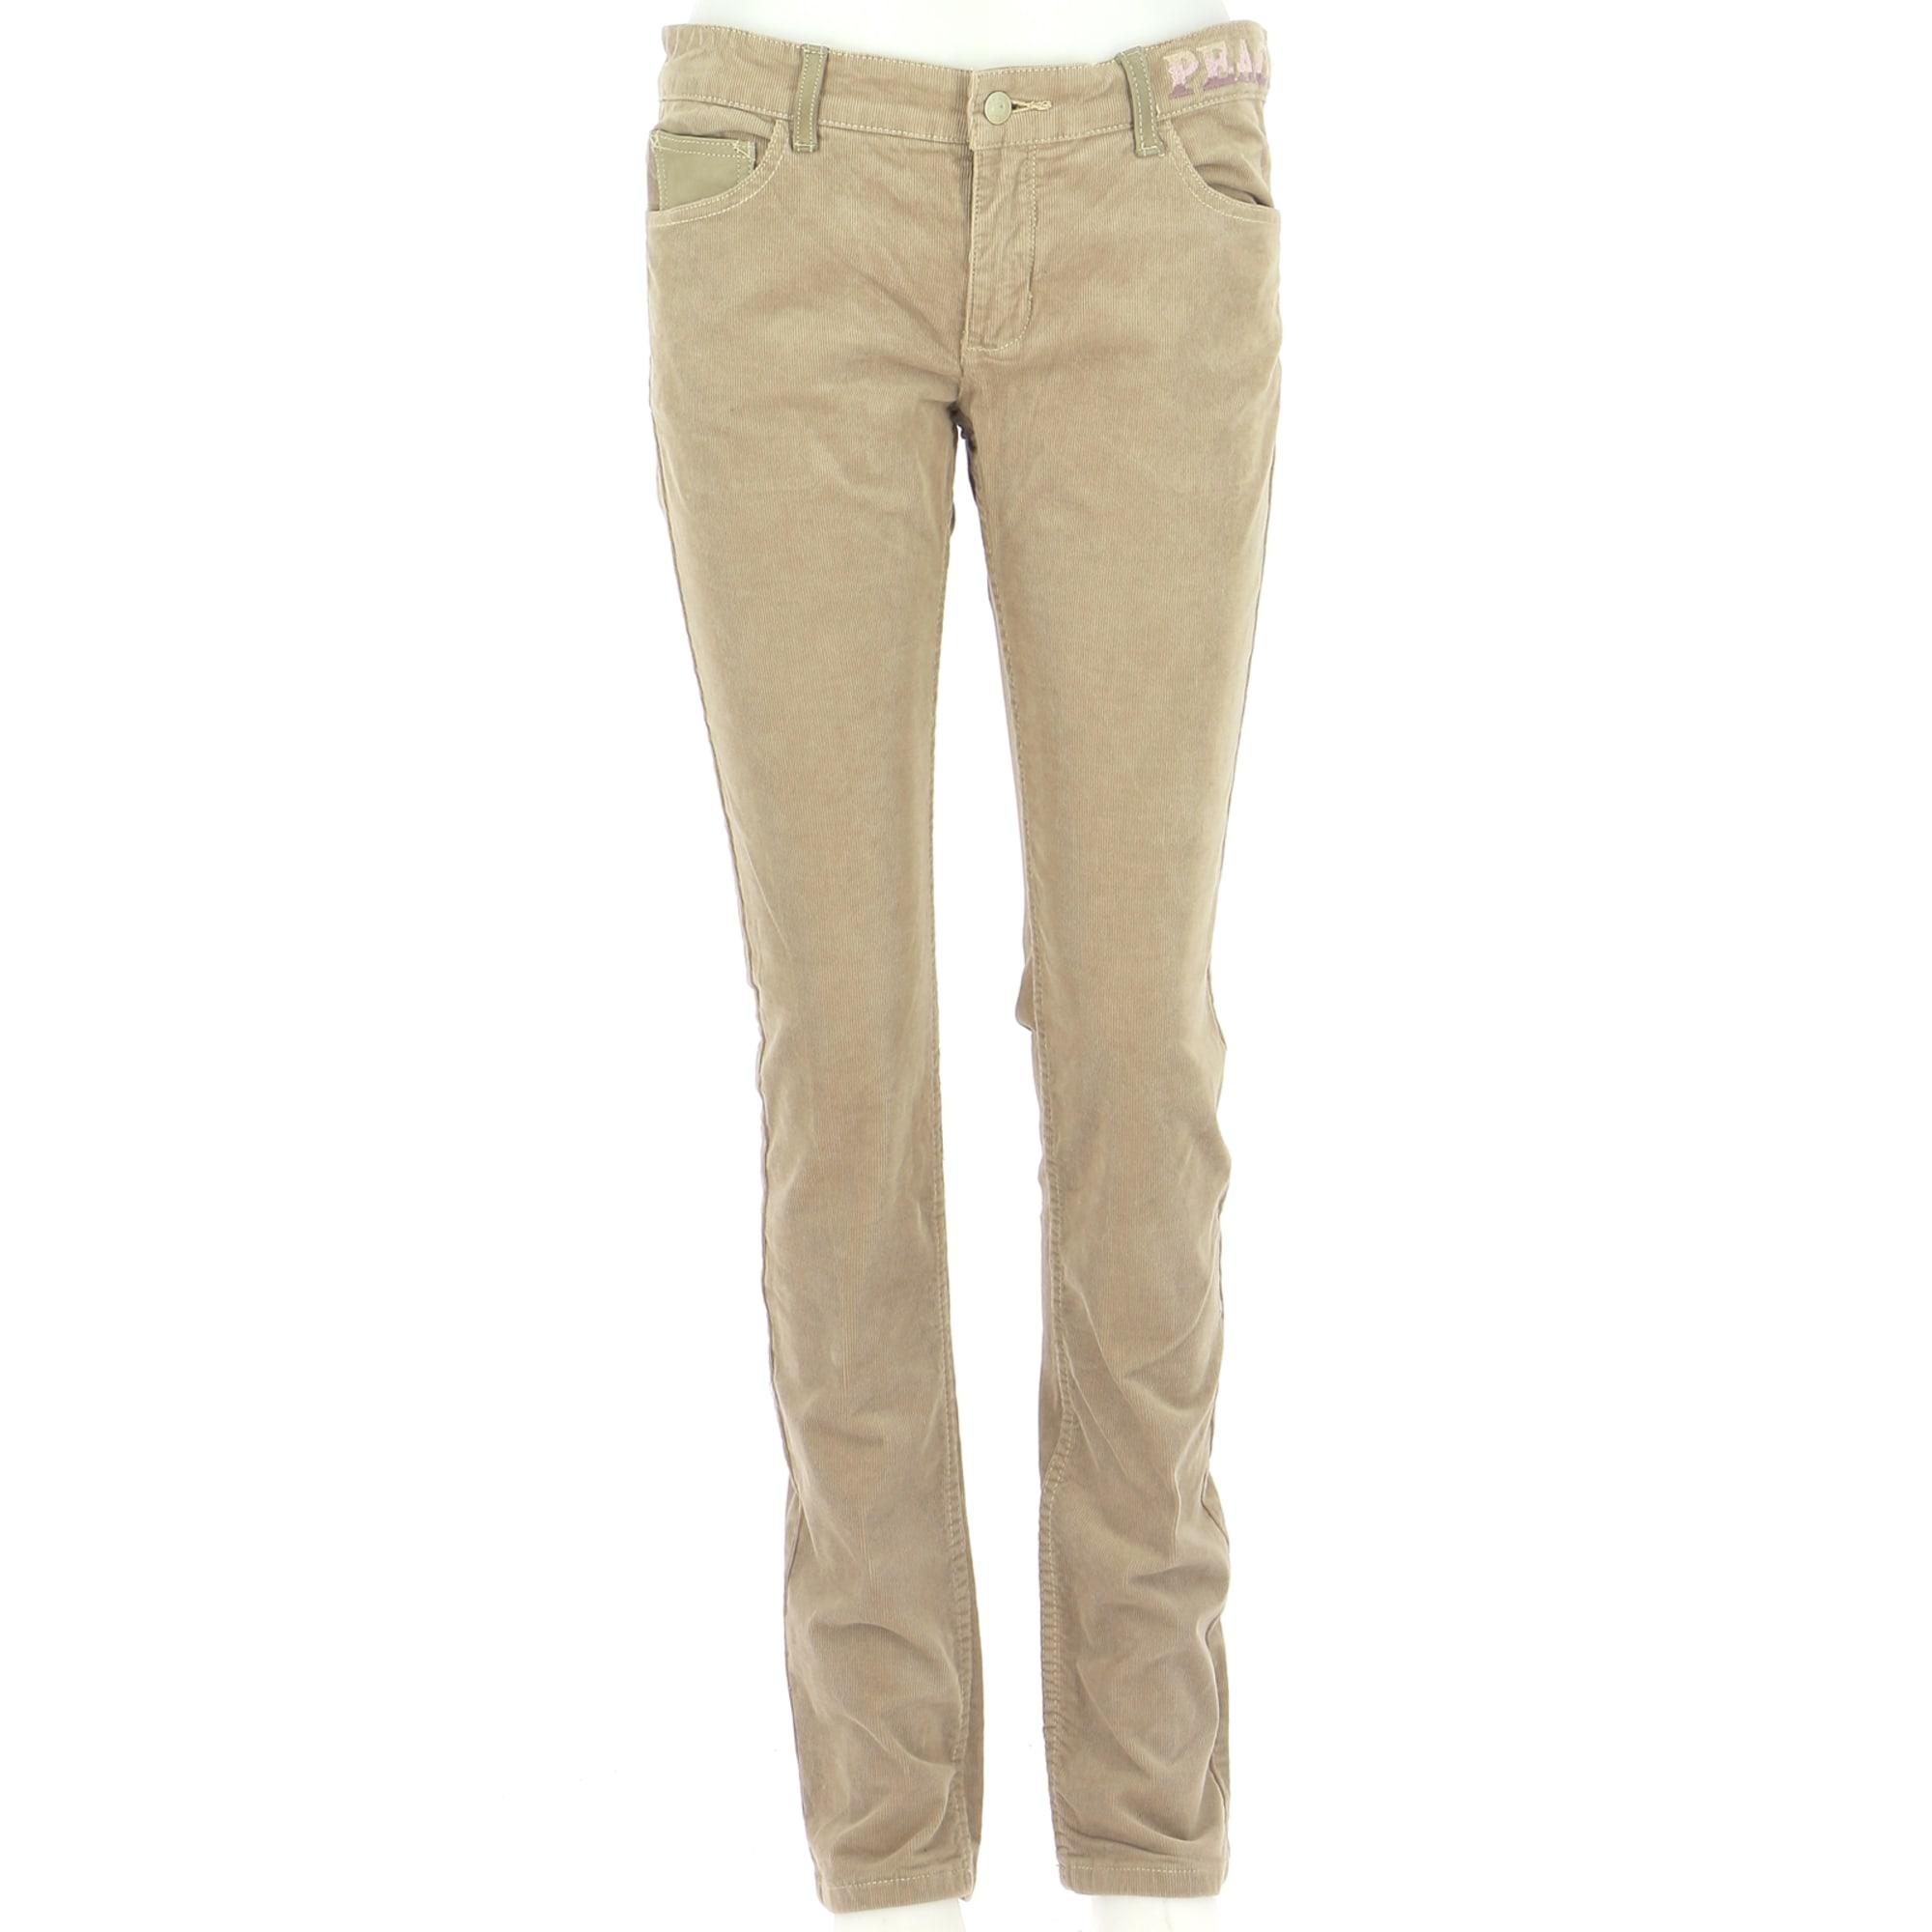 Pantalon droit ZADIG & VOLTAIRE Beige, camel